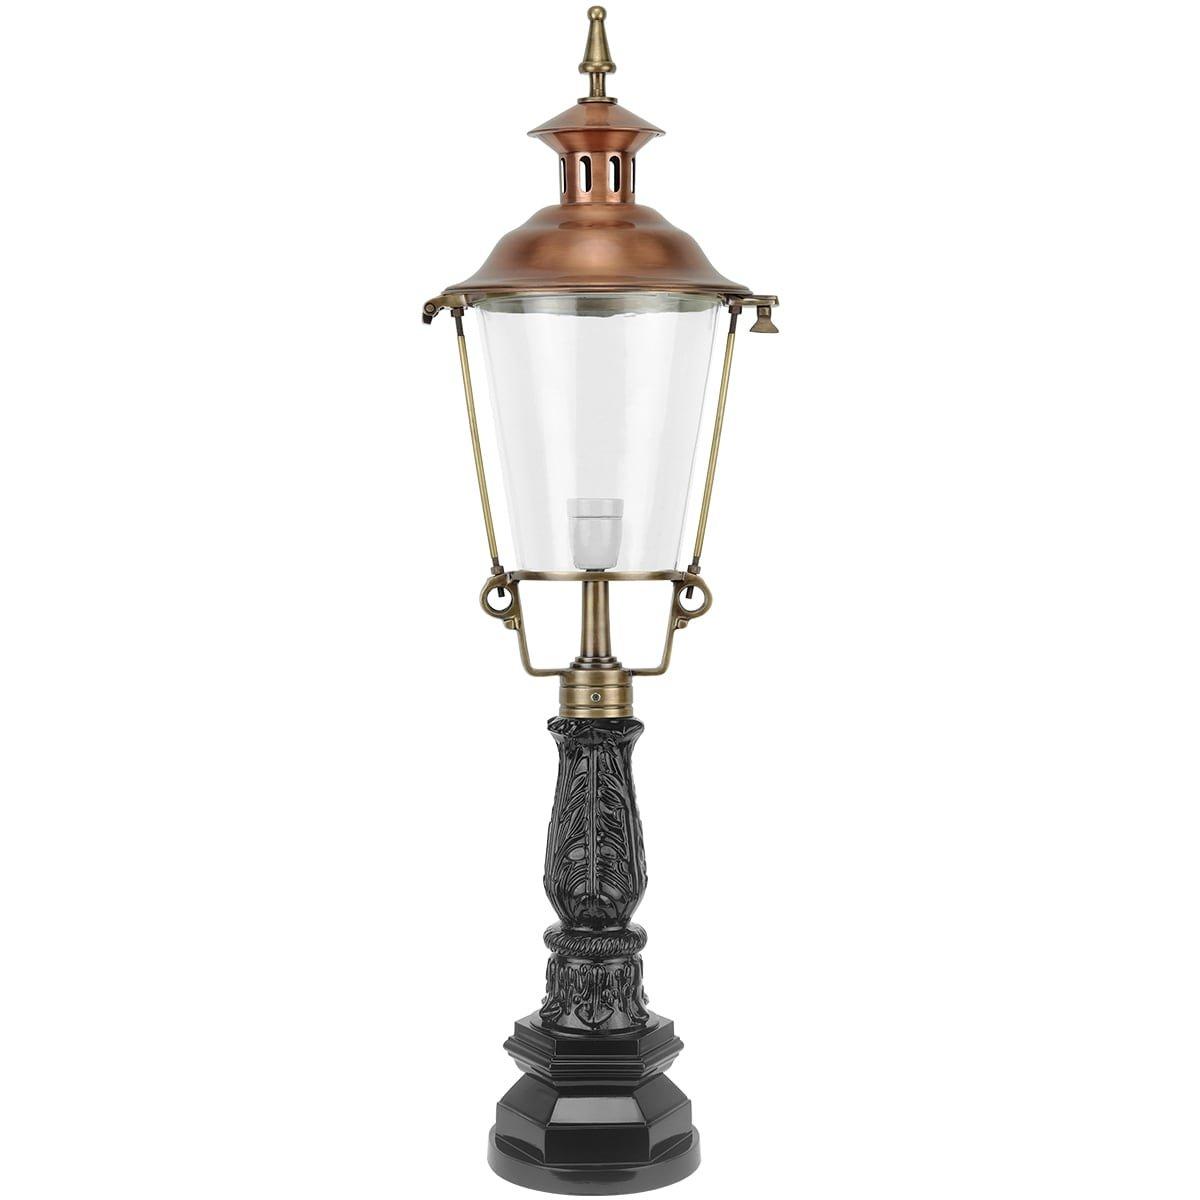 Außenbeleuchtung Klassisch Ländlich Gartenlaterne rund Eursinge bronze - 129 cm